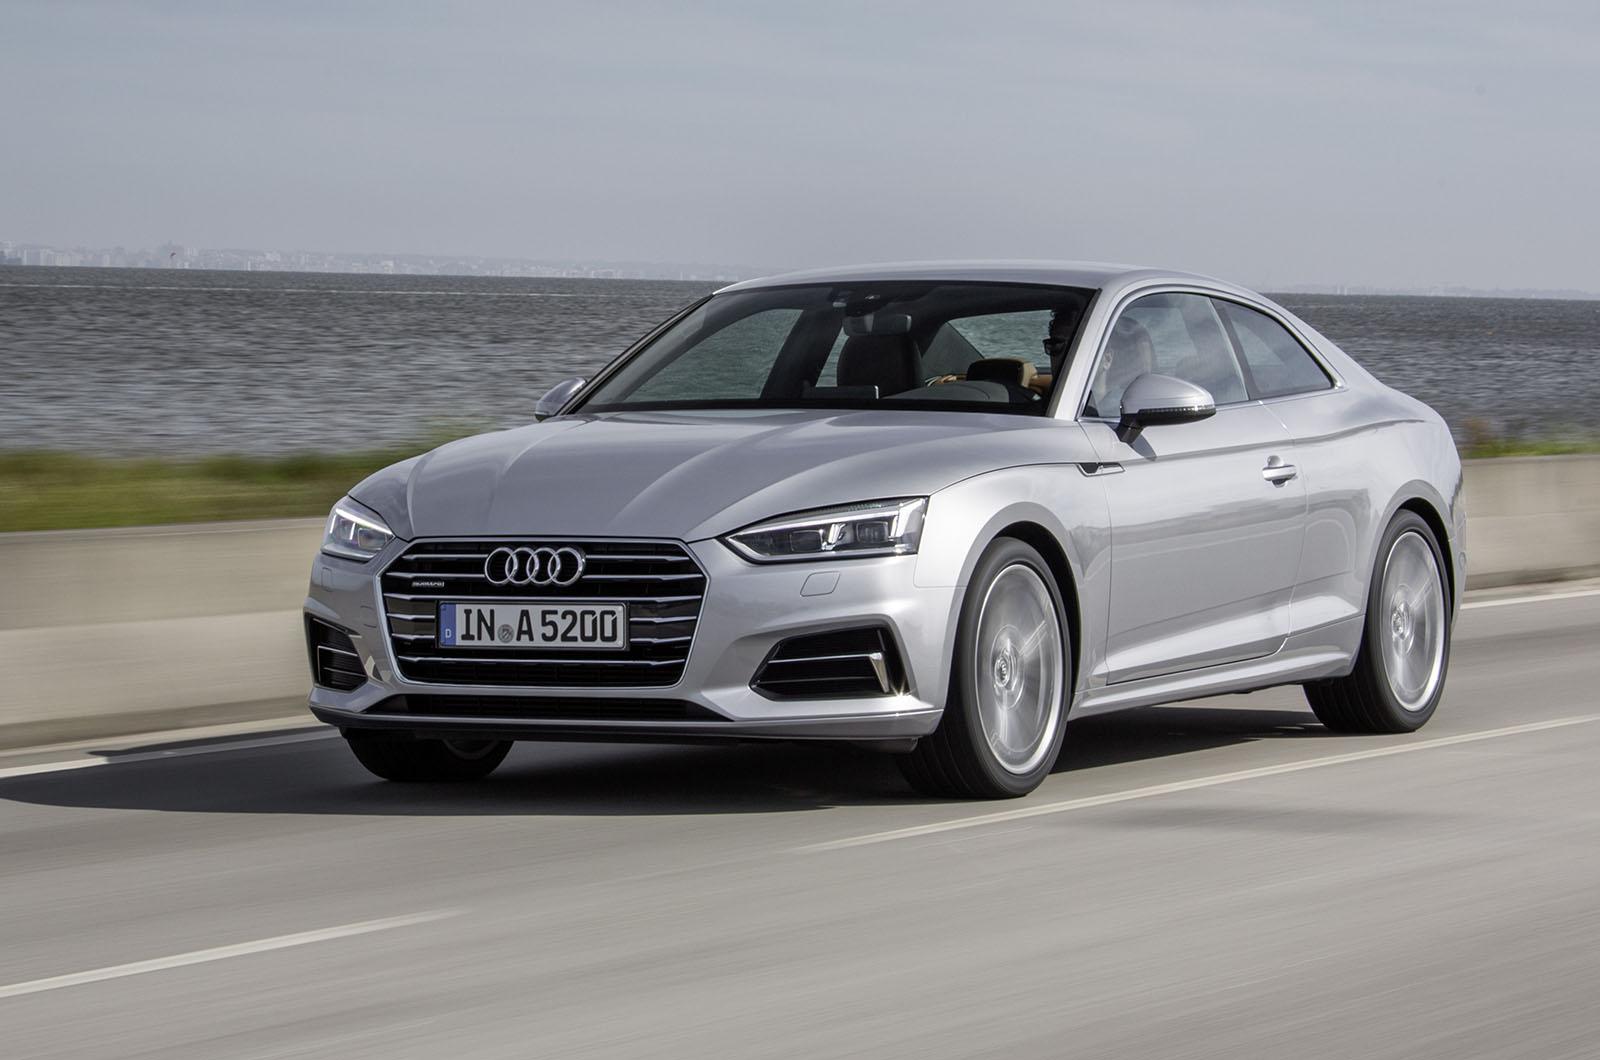 Kelebihan Kekurangan Audi A5 Quattro Top Model Tahun Ini